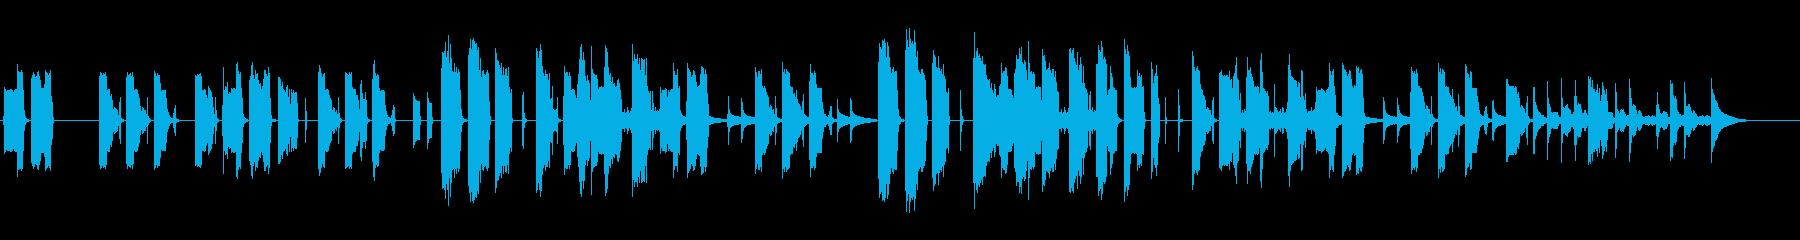 可愛らしくエモーショナルなBGMの再生済みの波形